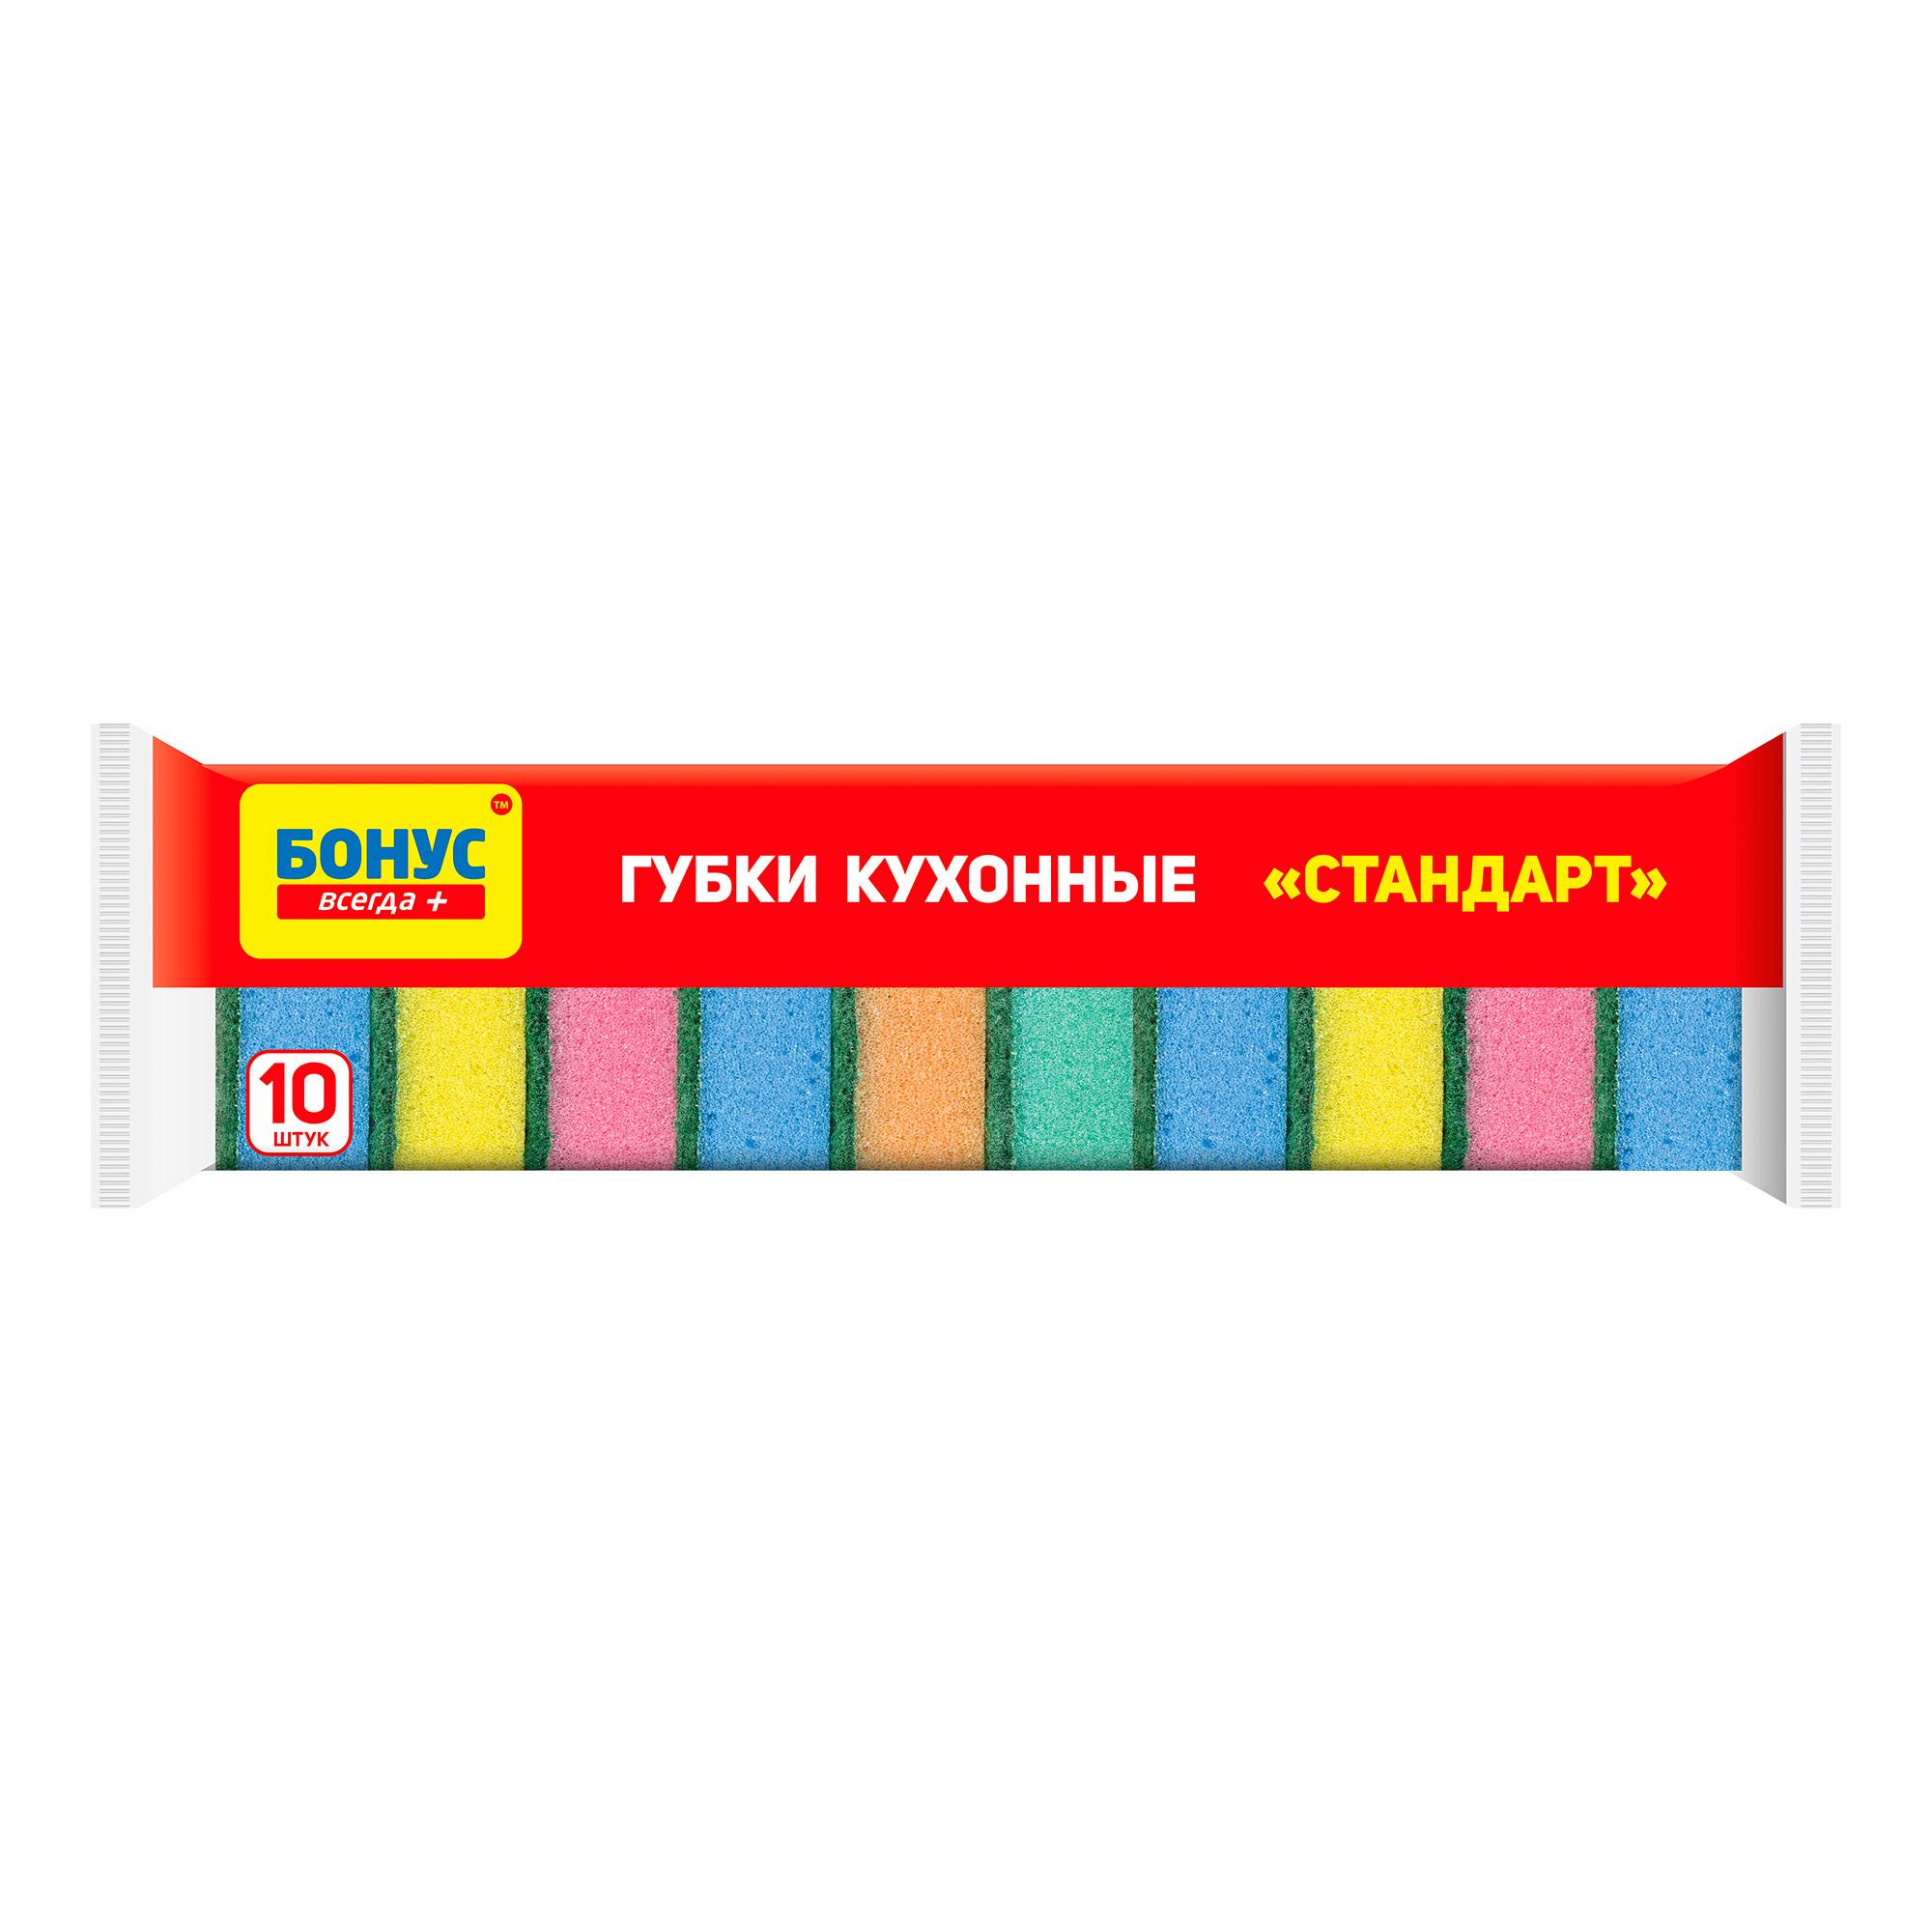 БОНУС / Губки кухонні Бонус універсальні, 10 шт.